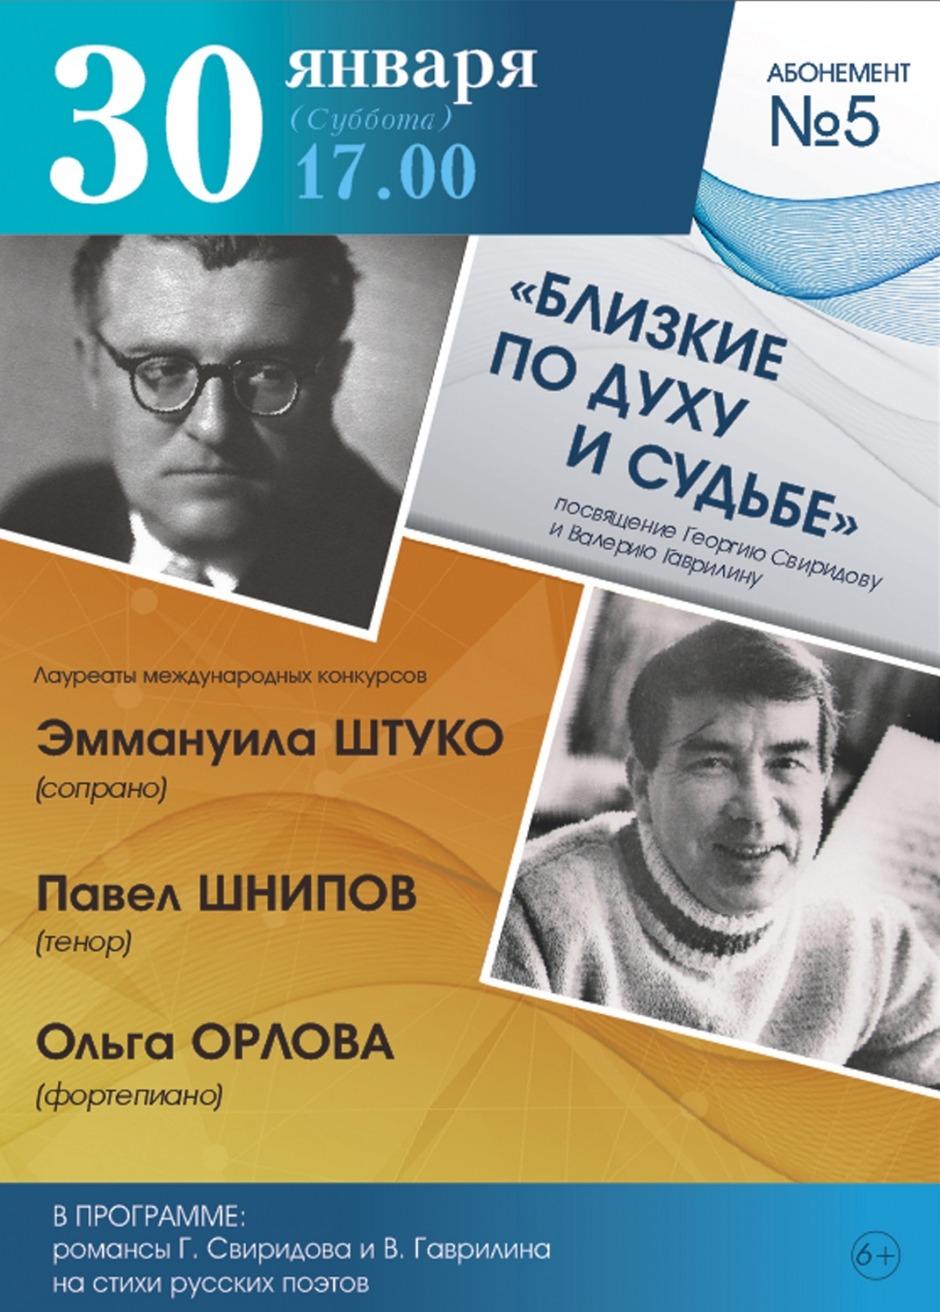 «Близкие по духу и судьбе»: концерт-посвящение двум композиторам состоится в Твери